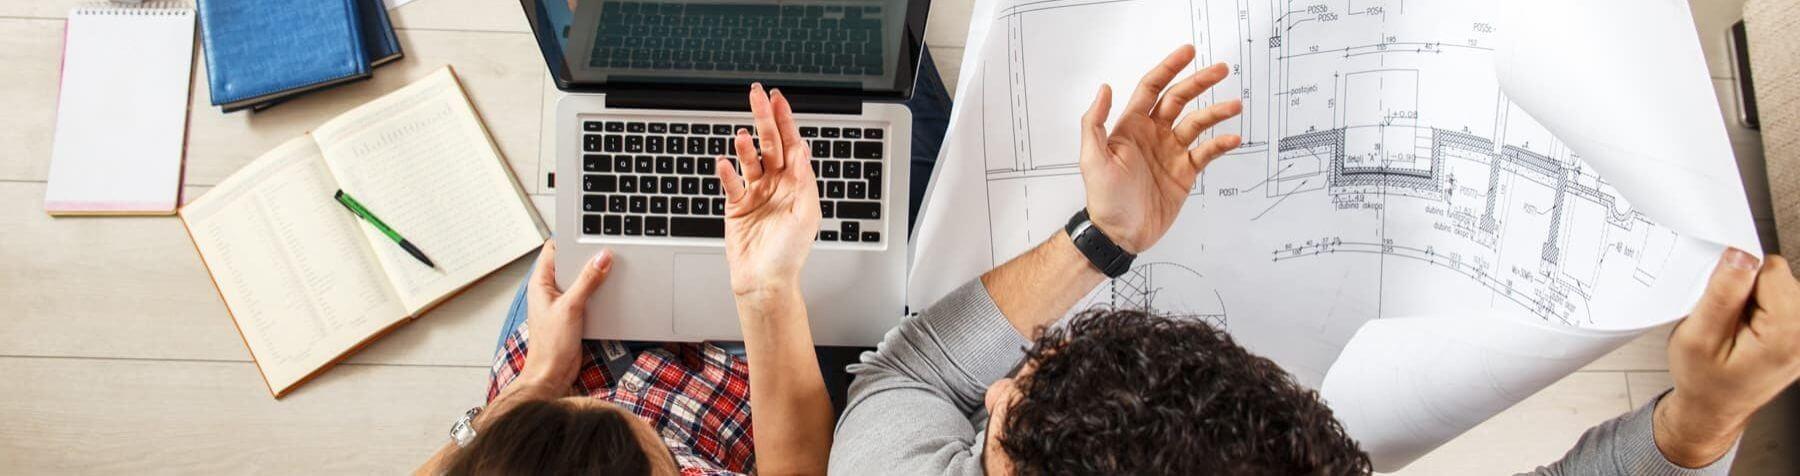 Budgetrechner: Wie viel Haus kann ich mir leisten? Berechnen Sie unkompliziert das Budget für Ihren Hauskauf oder Ihr Immobilienvorhaben.